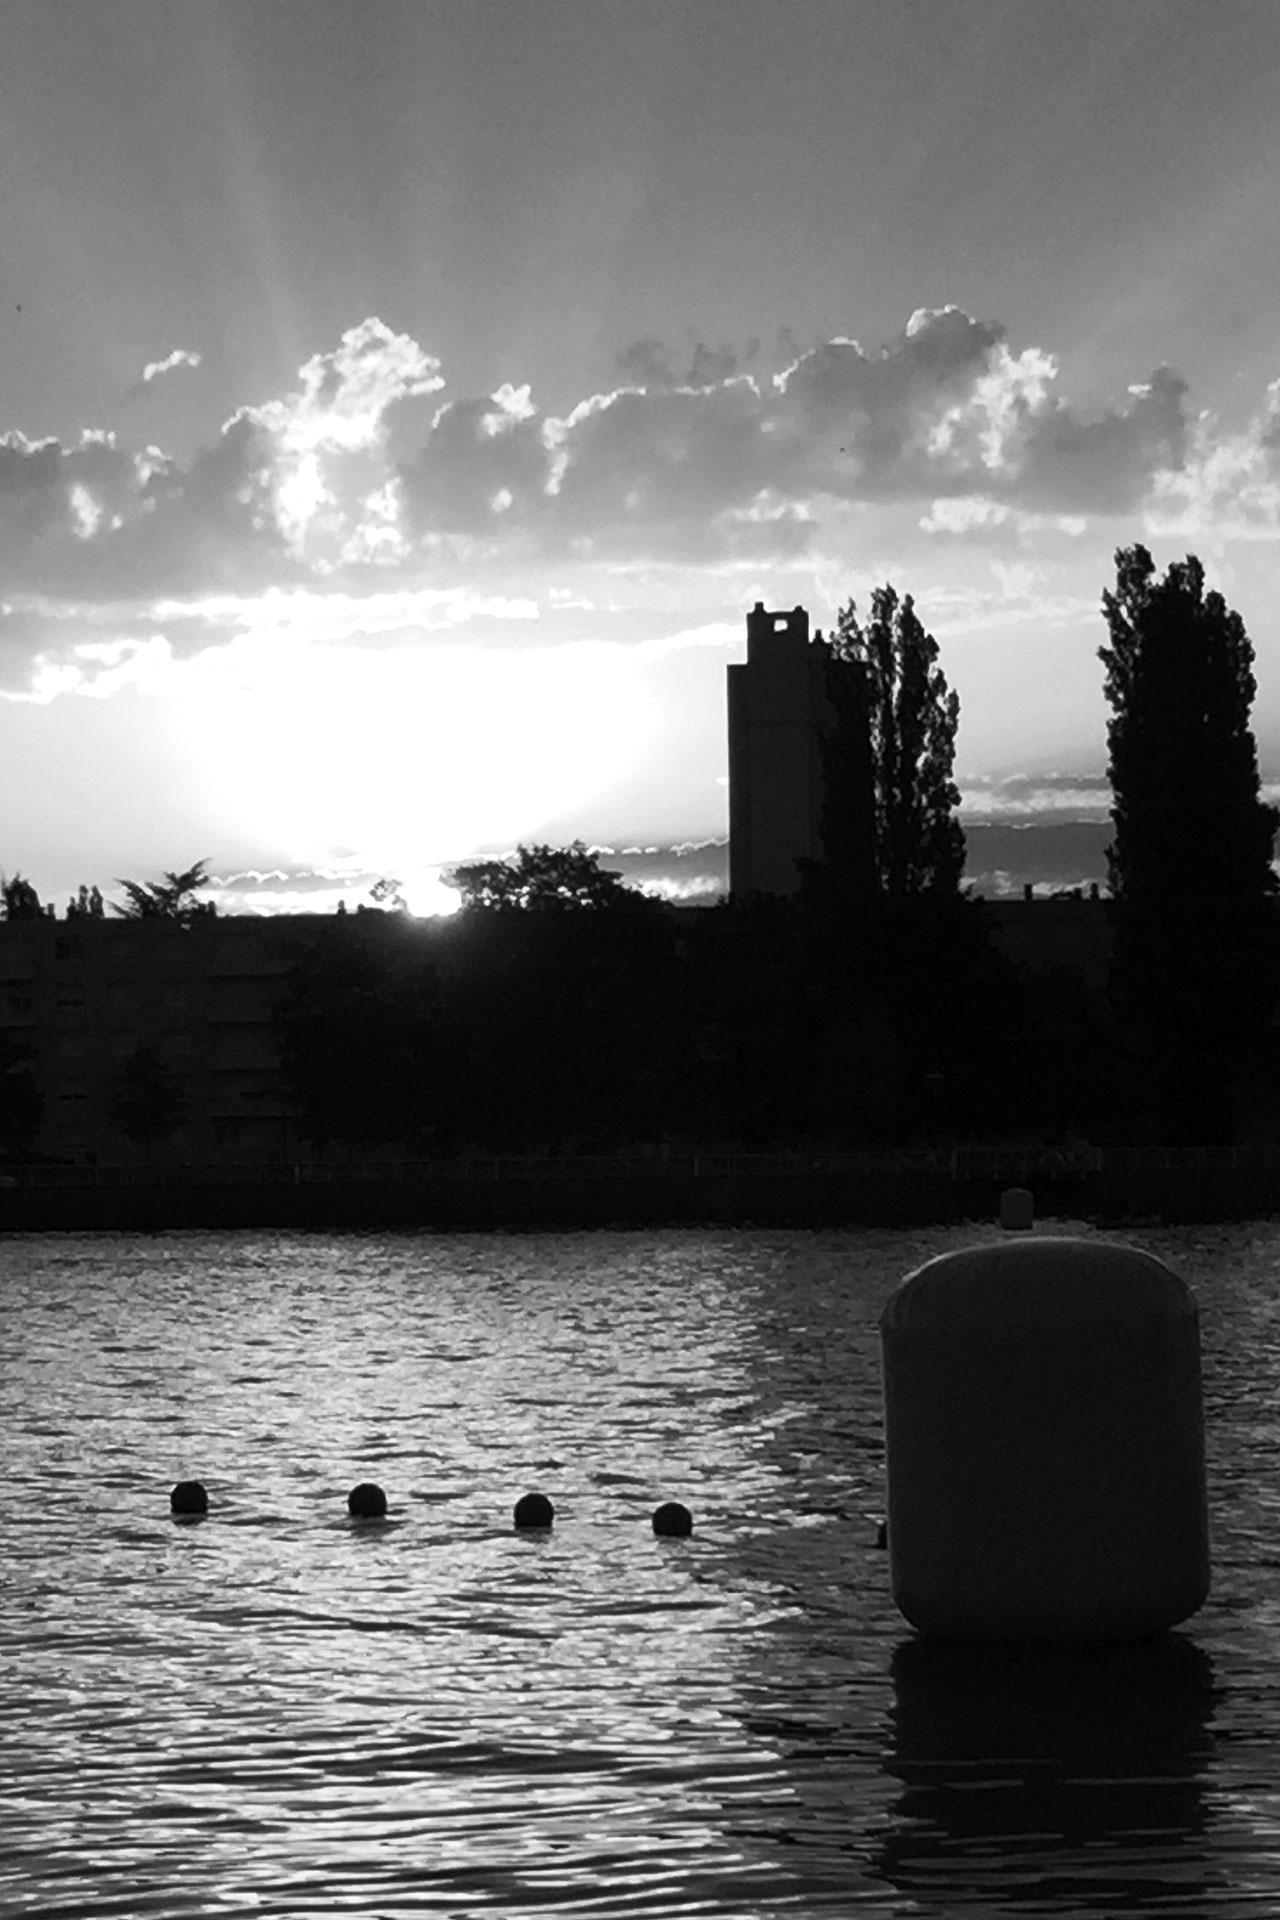 IRONMAN VICHY 2016 The Story: Echter Erfolg mit virtuellen Nebenwirkungen / Romantischer Sonnenaufgang über dem Lac d'Allier ©stefandrexl.de